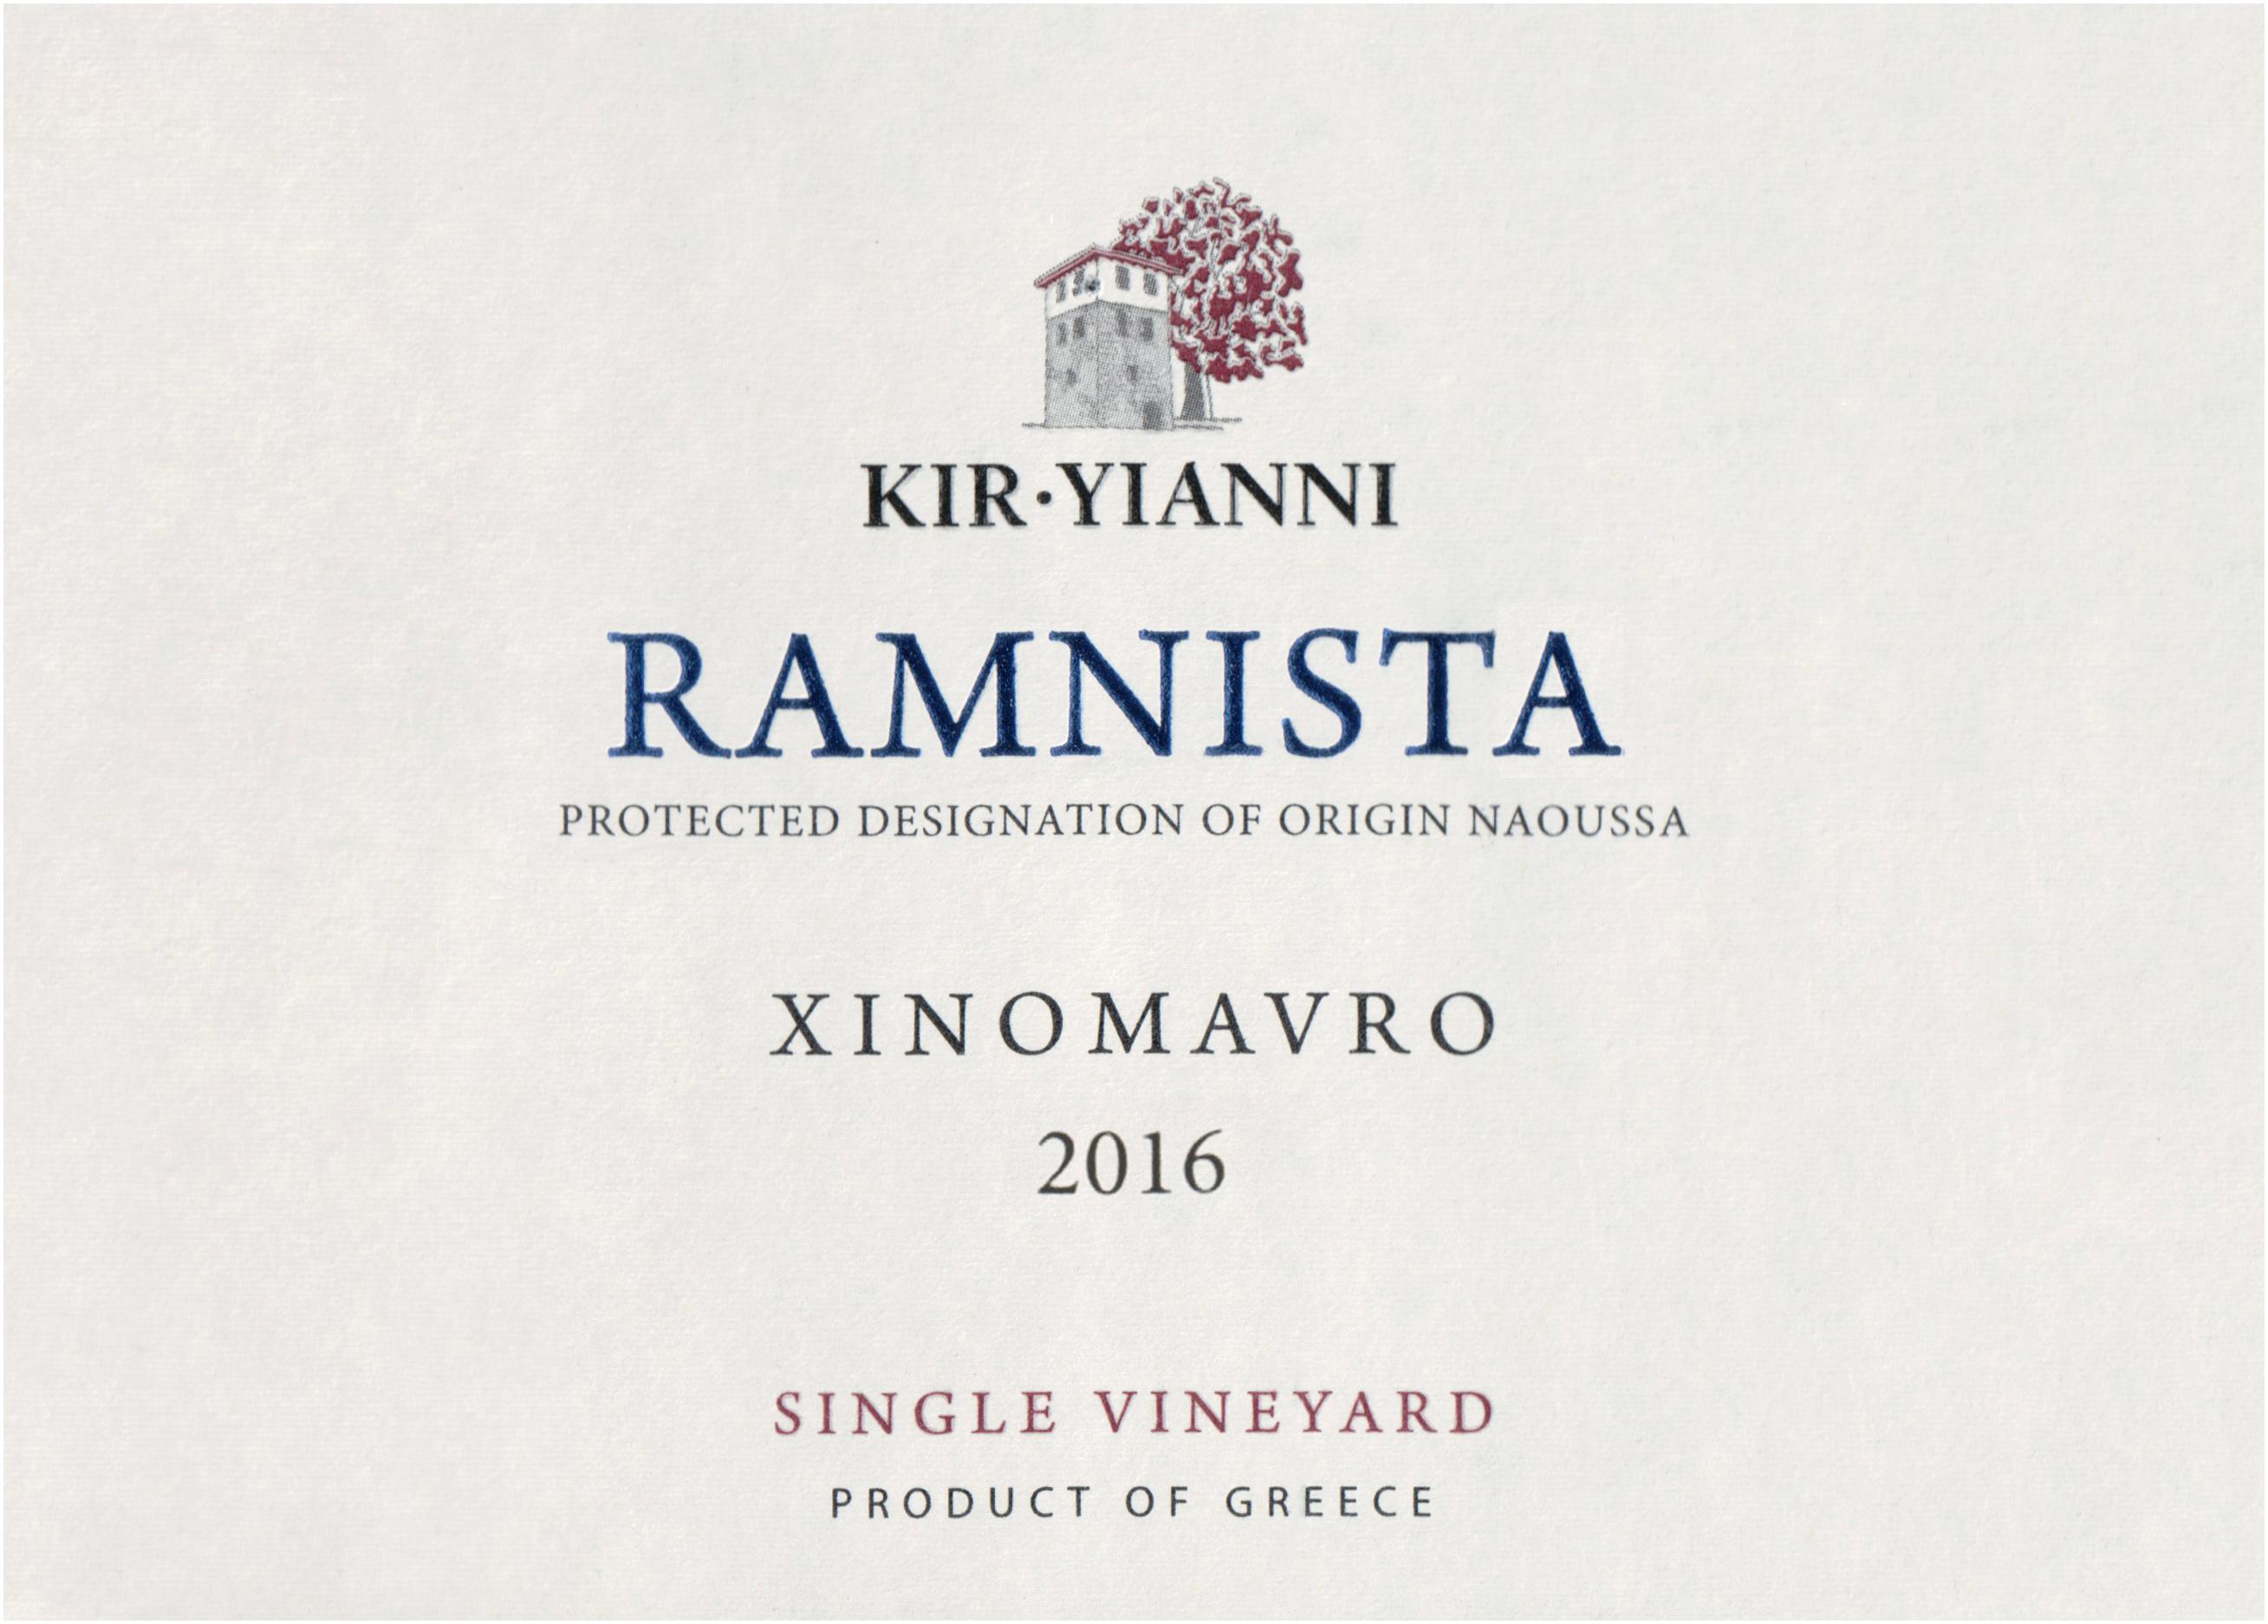 Kir Yianni Ramnista Xinomavro 2016